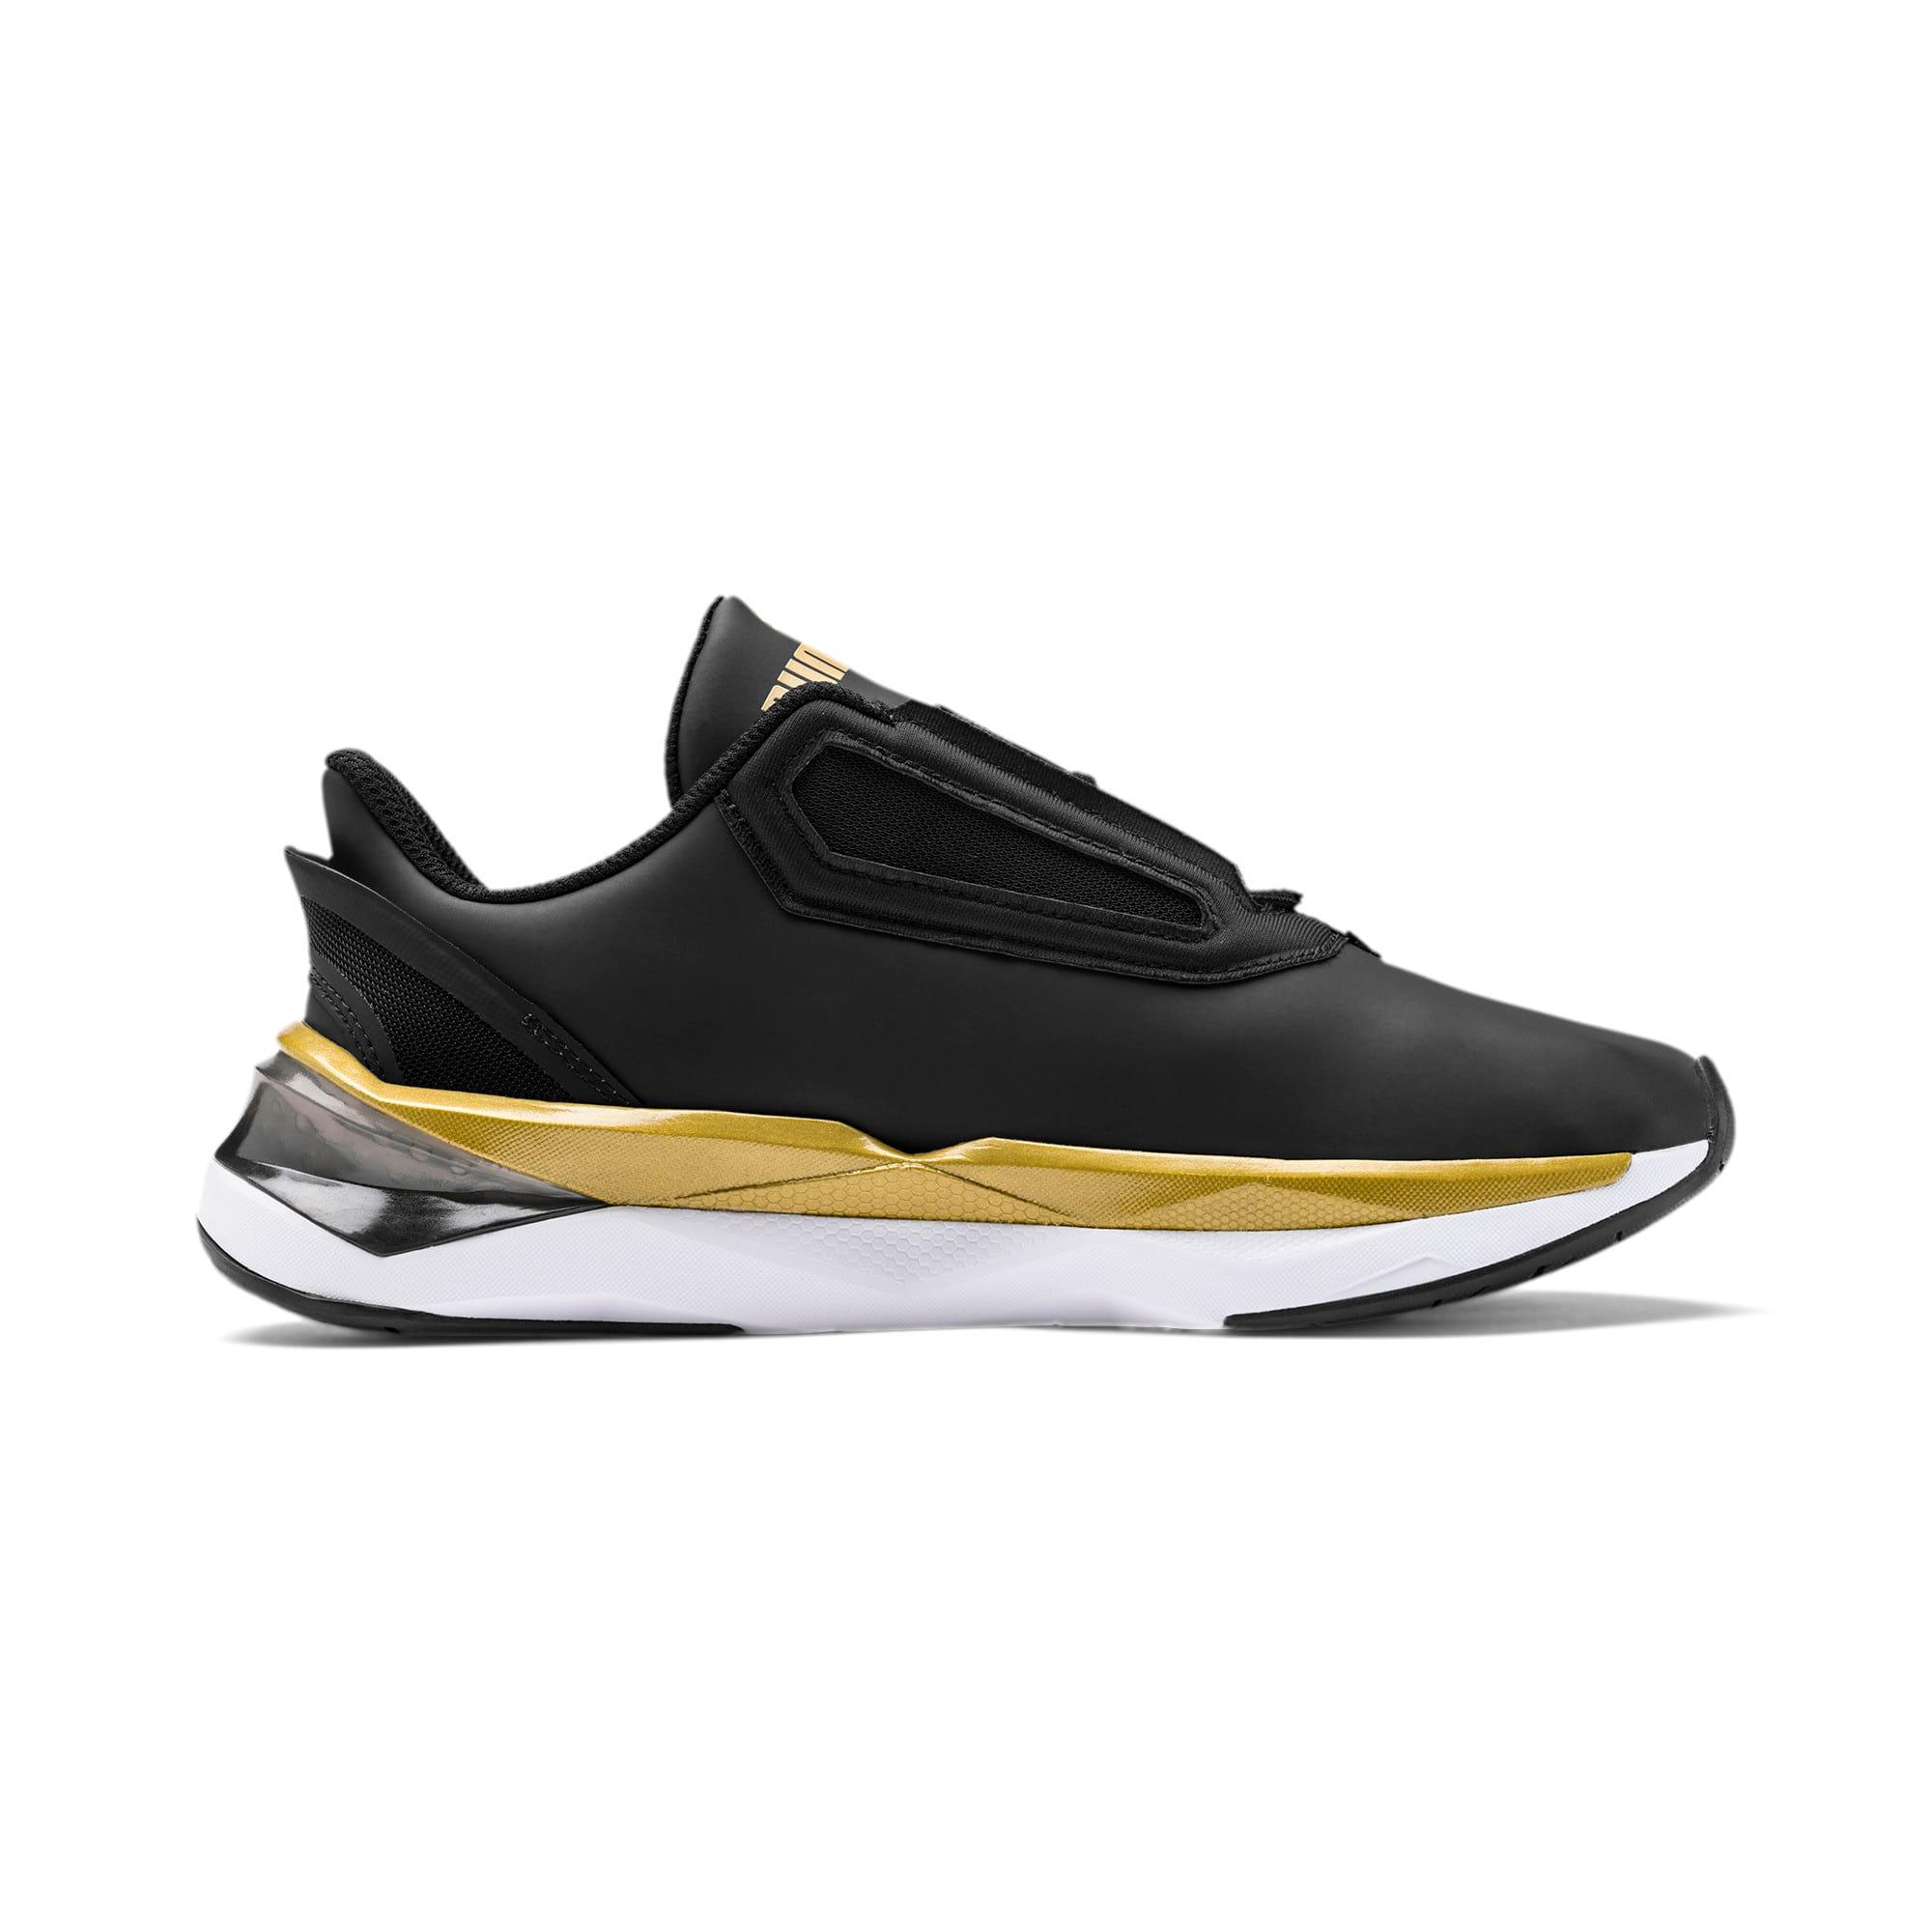 Thumbnail 5 of Shatter XT Matte LQDCELL Women's Running Shoes, Puma Black-Puma Team Gold, medium